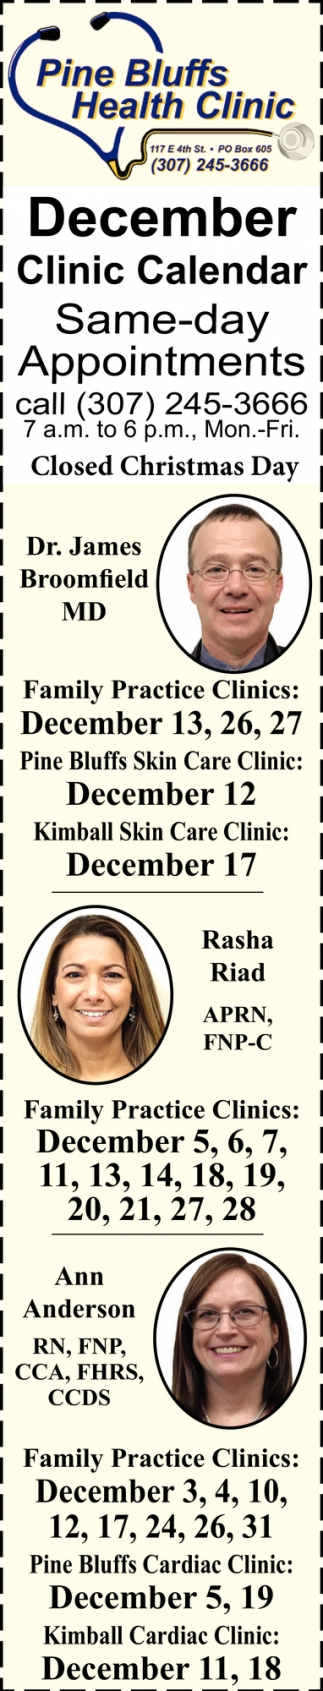 December Clinic Calendar